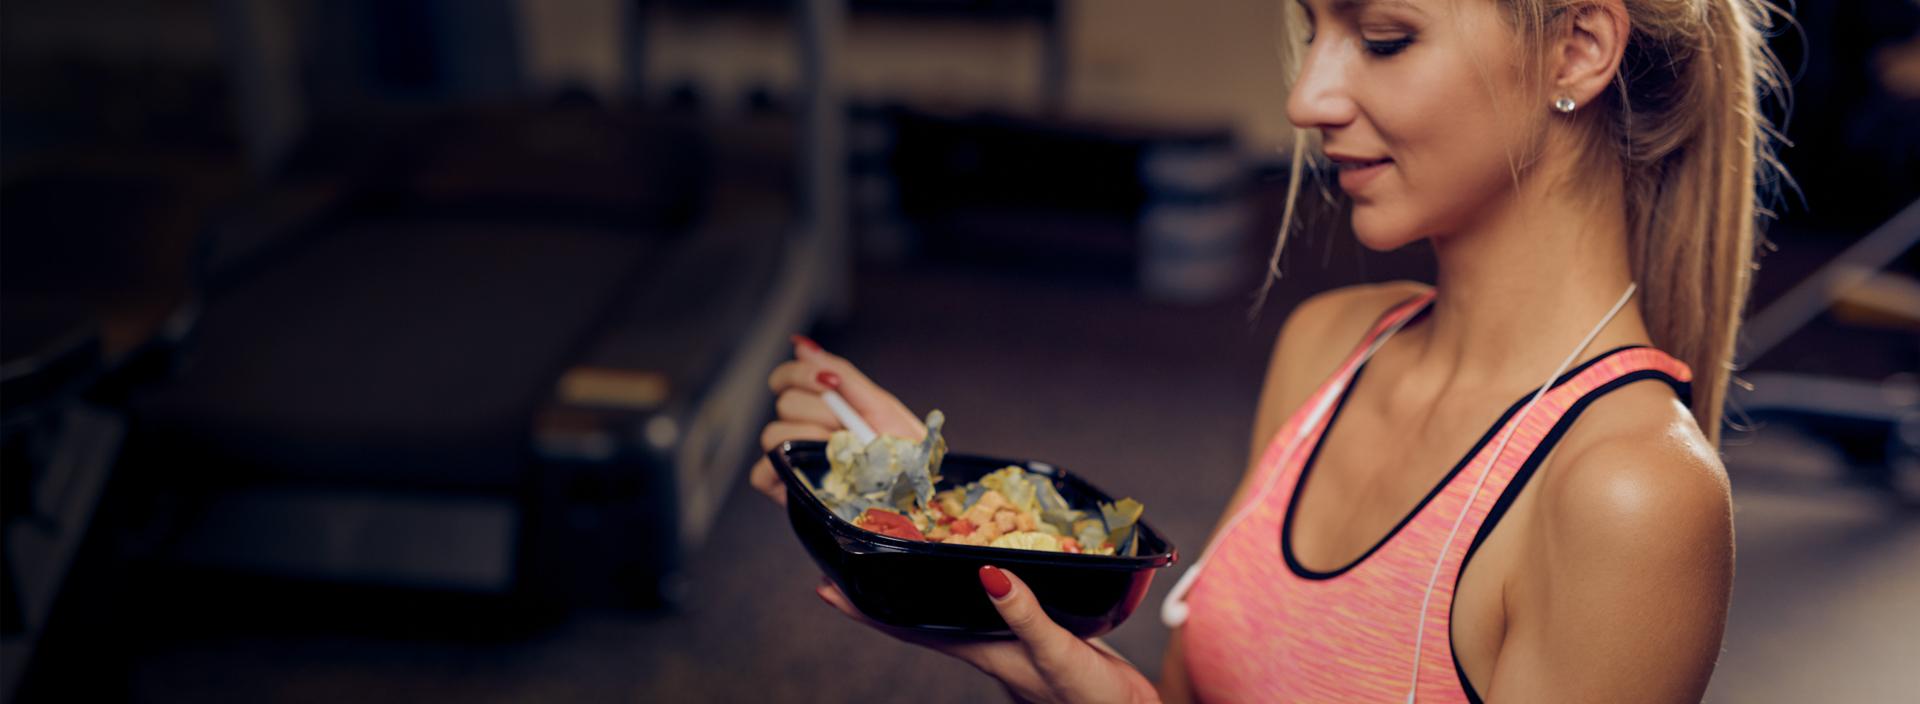 Web-Home-Nutricion-Inacua-Los-Cantos